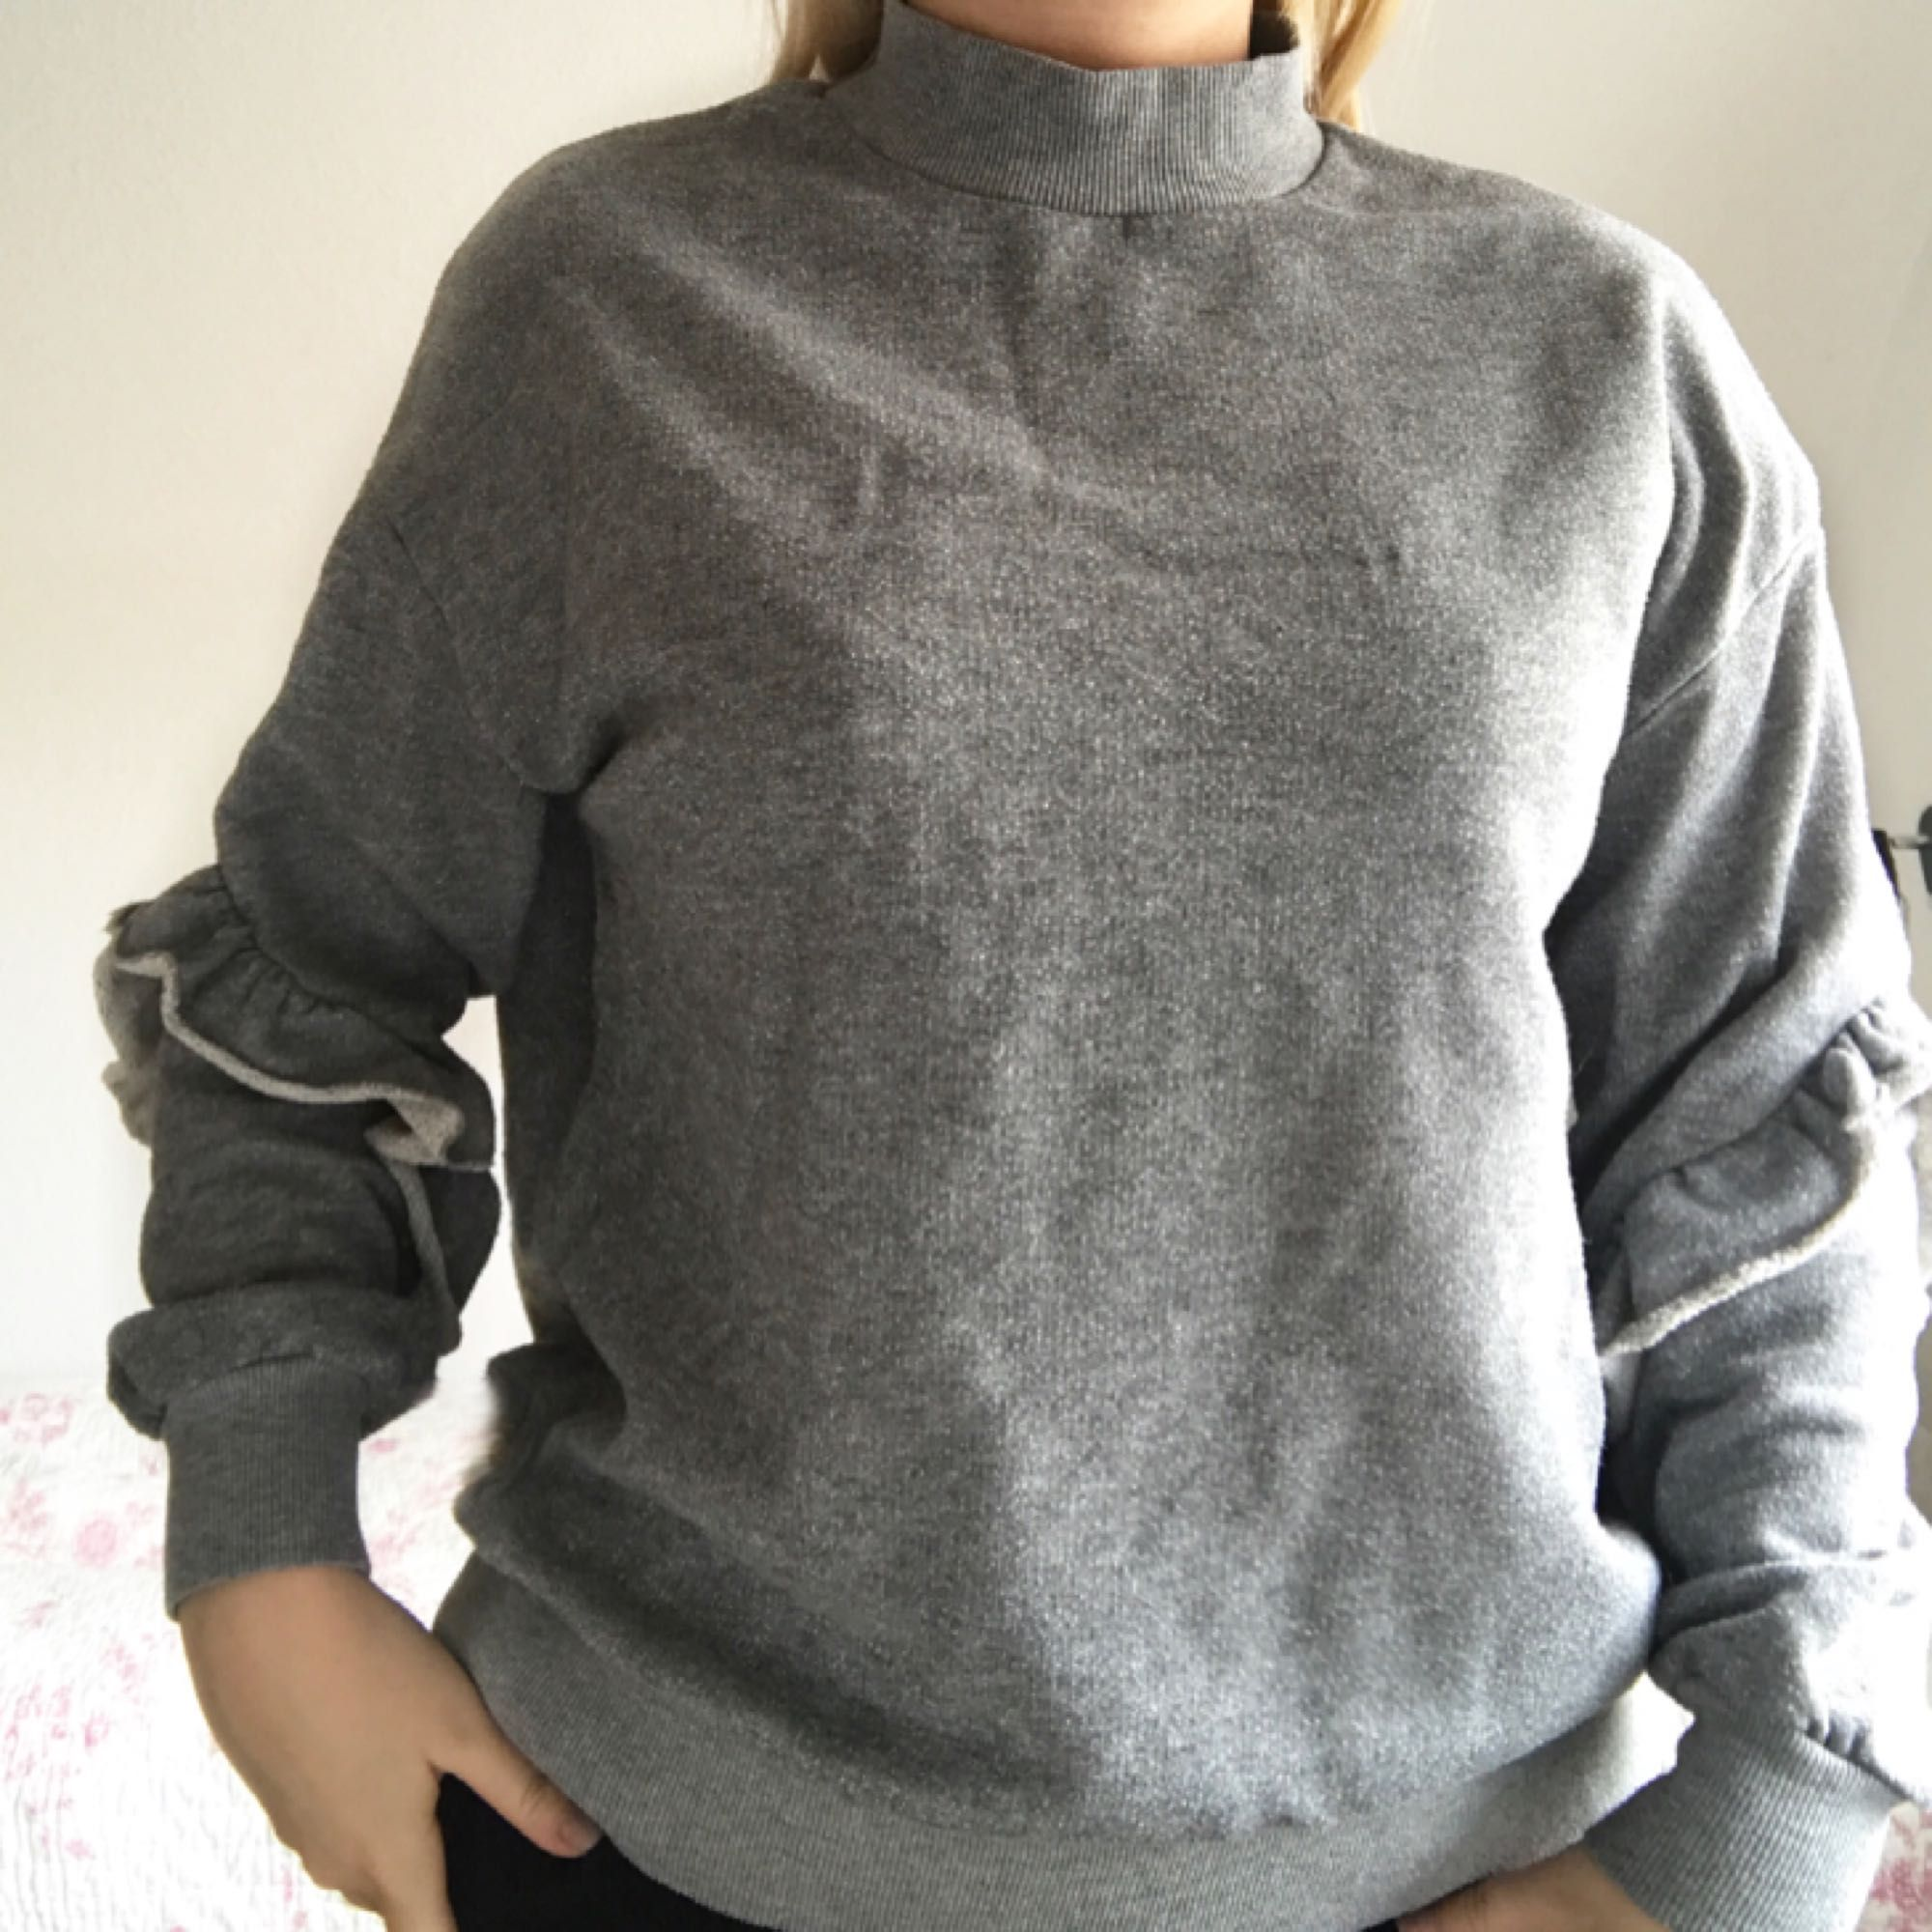 f0e399fa4e35 Sweatshirt från MQ köpt för 459 - Tröjor & Koftor - Second Hand